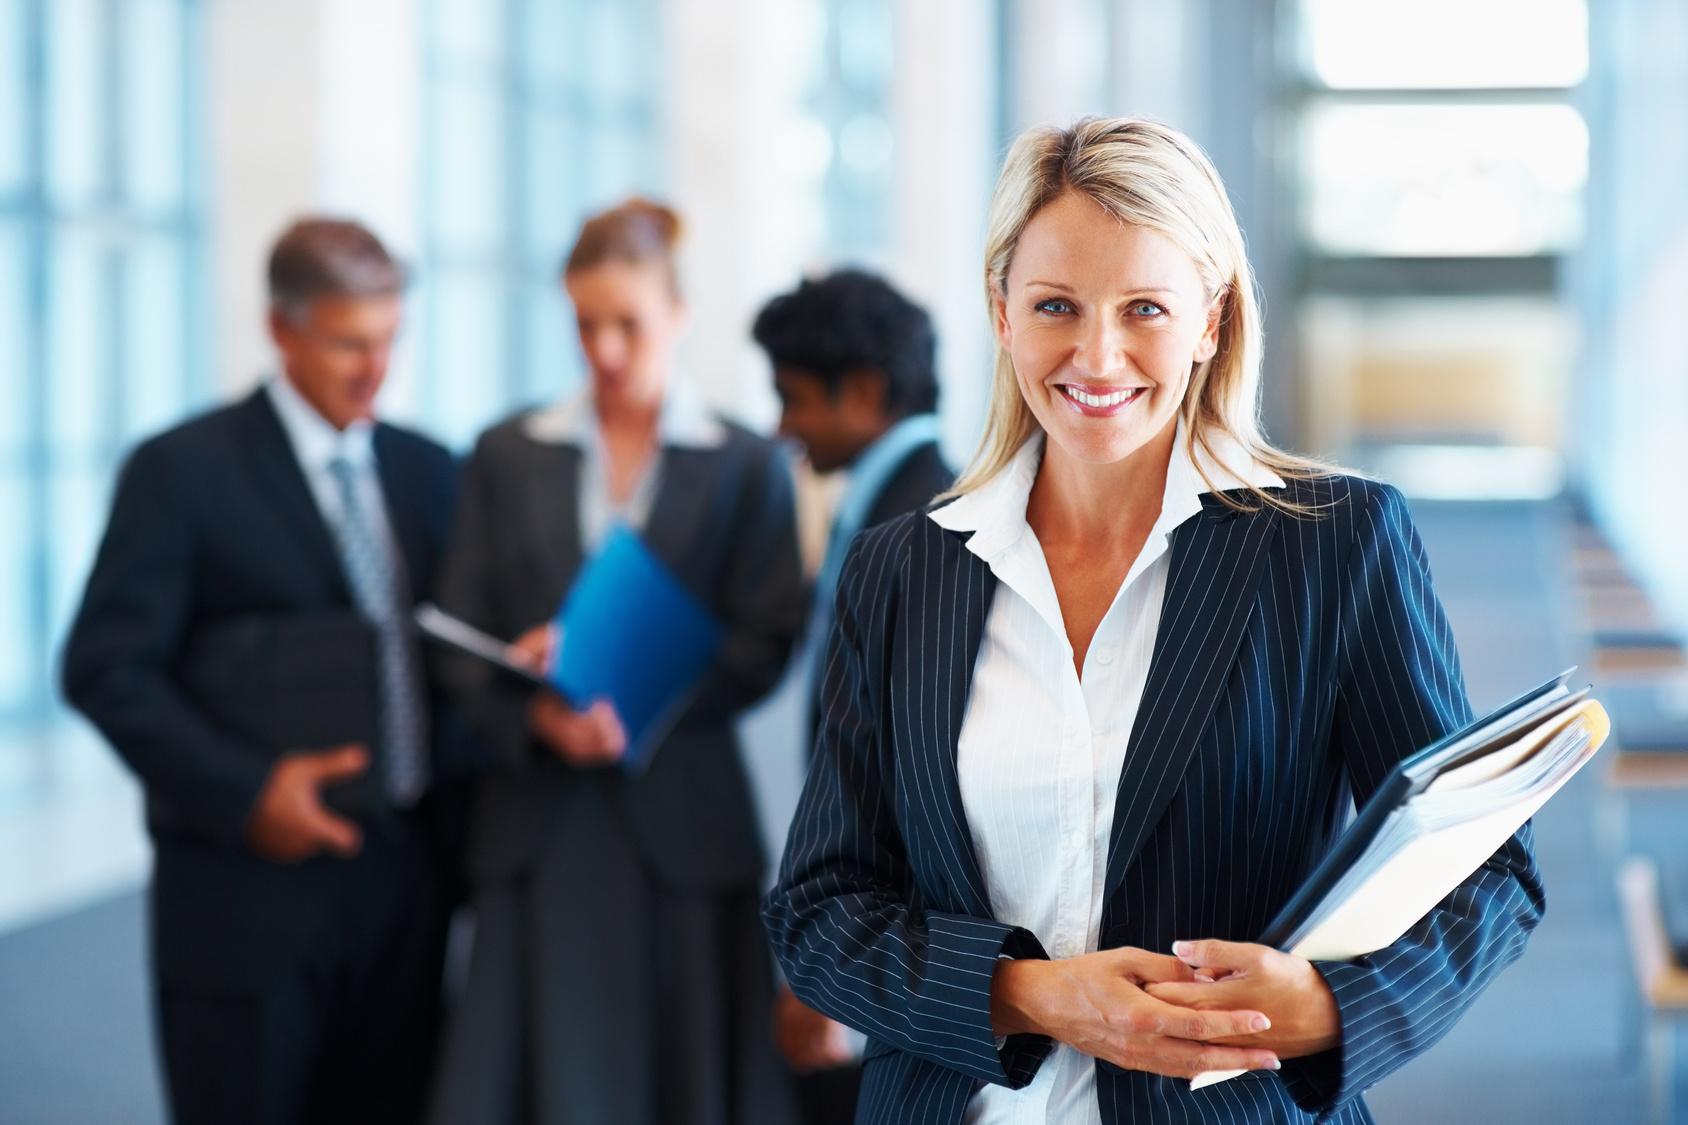 Ausbildung Berufseinstieg Steuern sparen